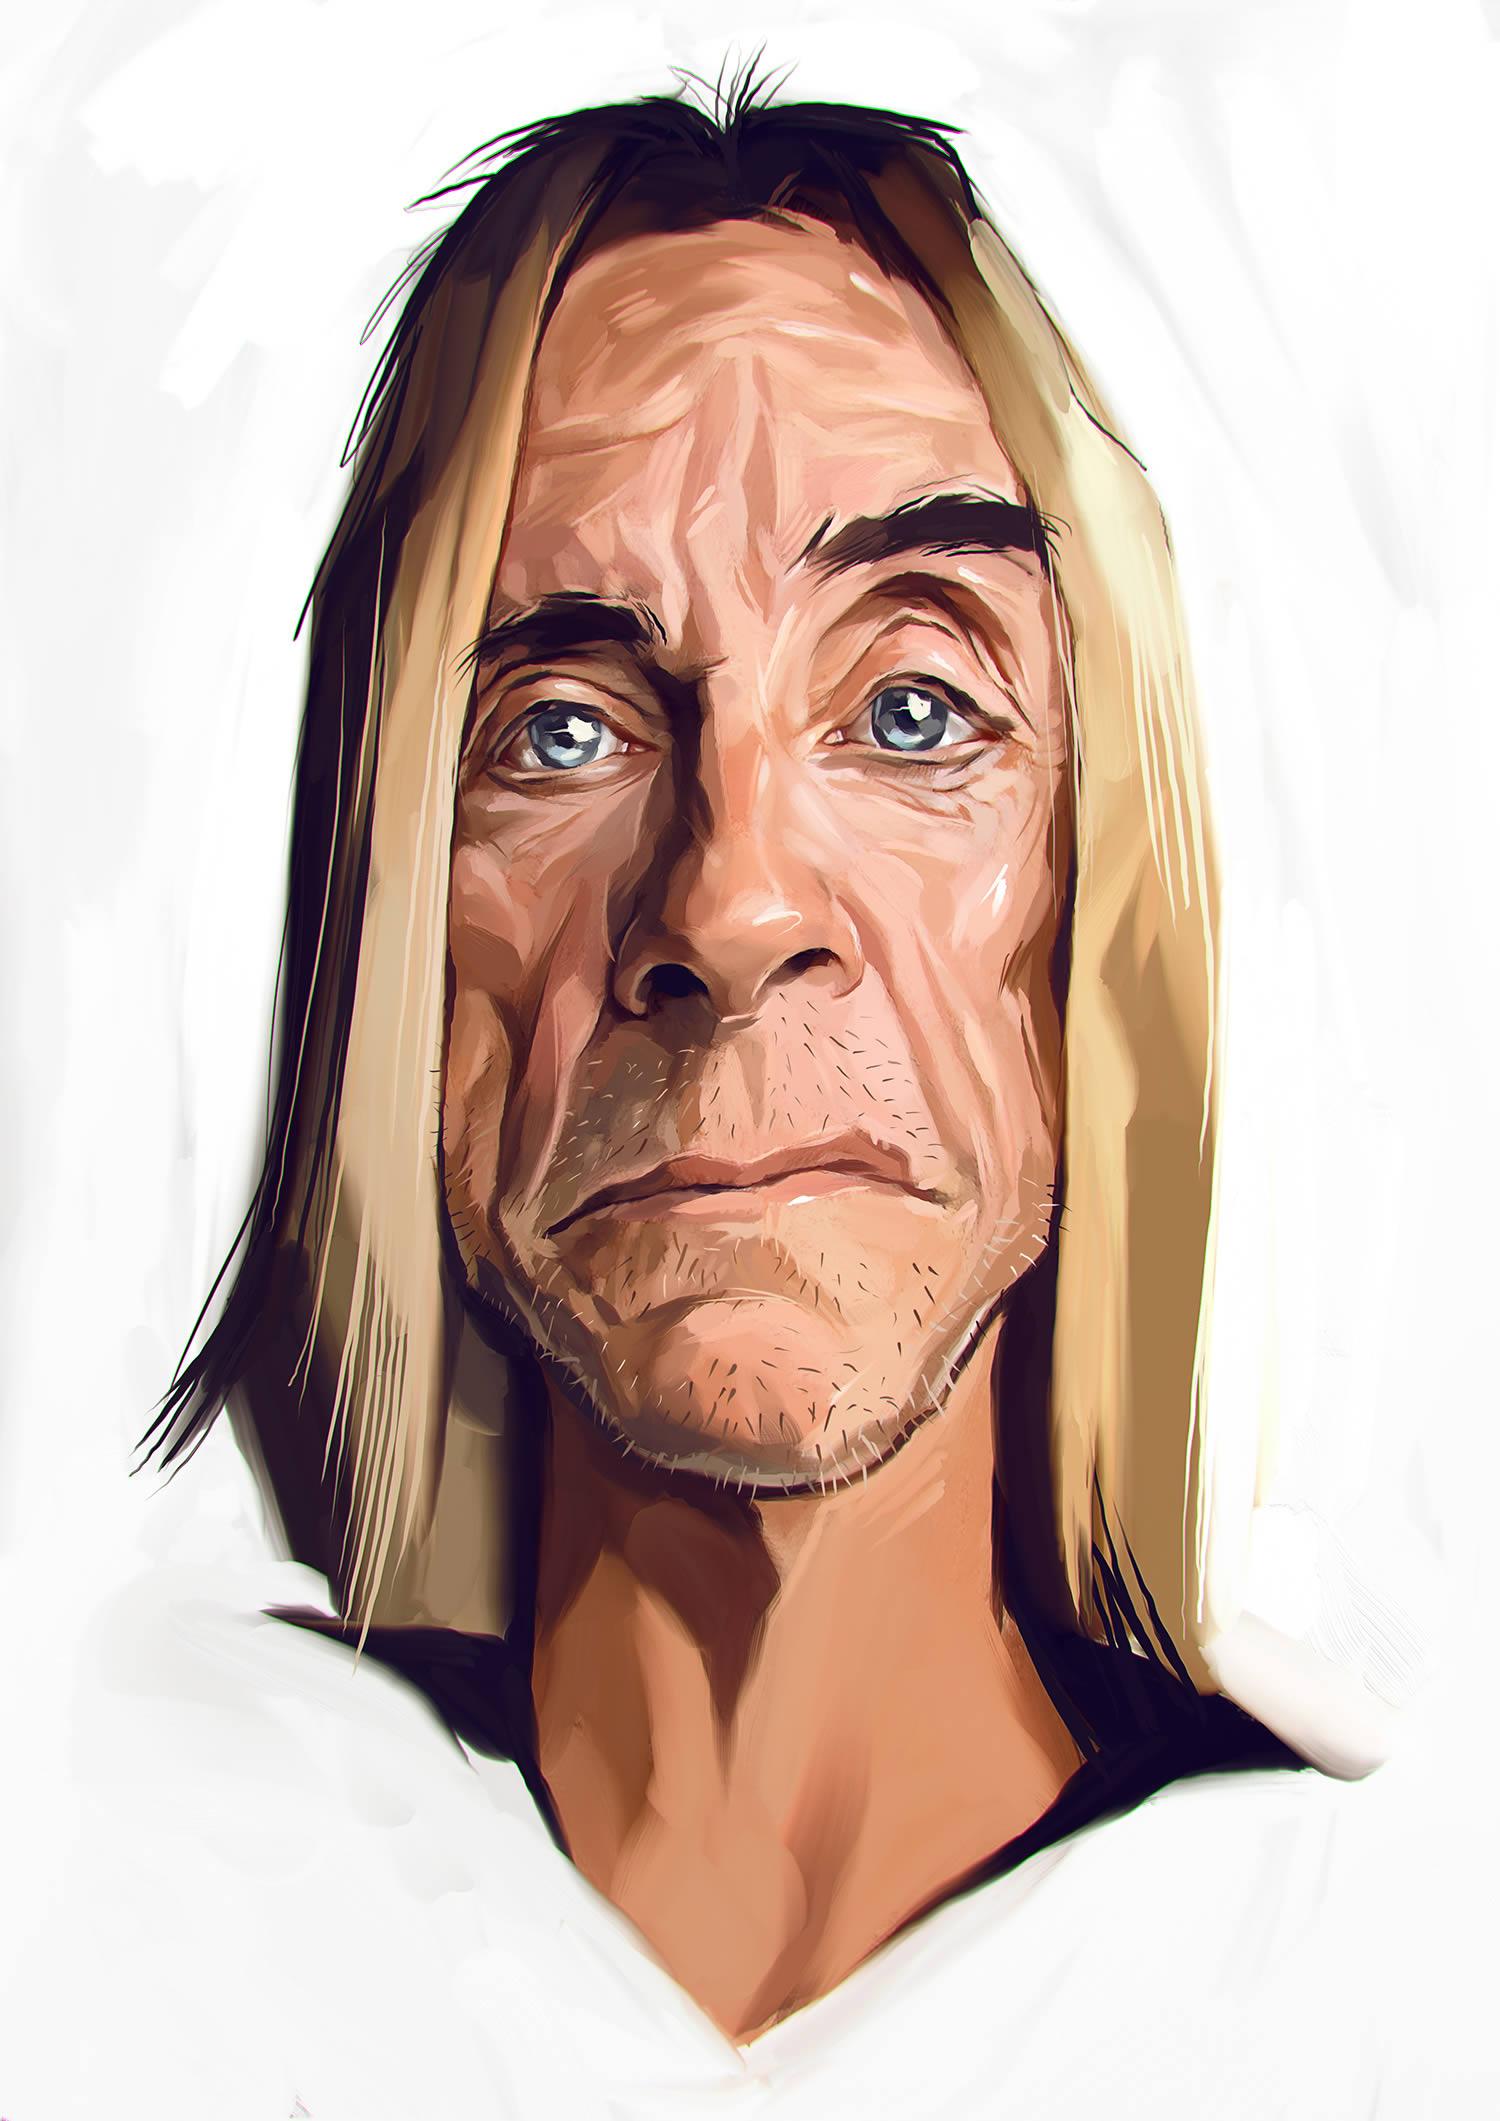 iggy pop making a face, caricature